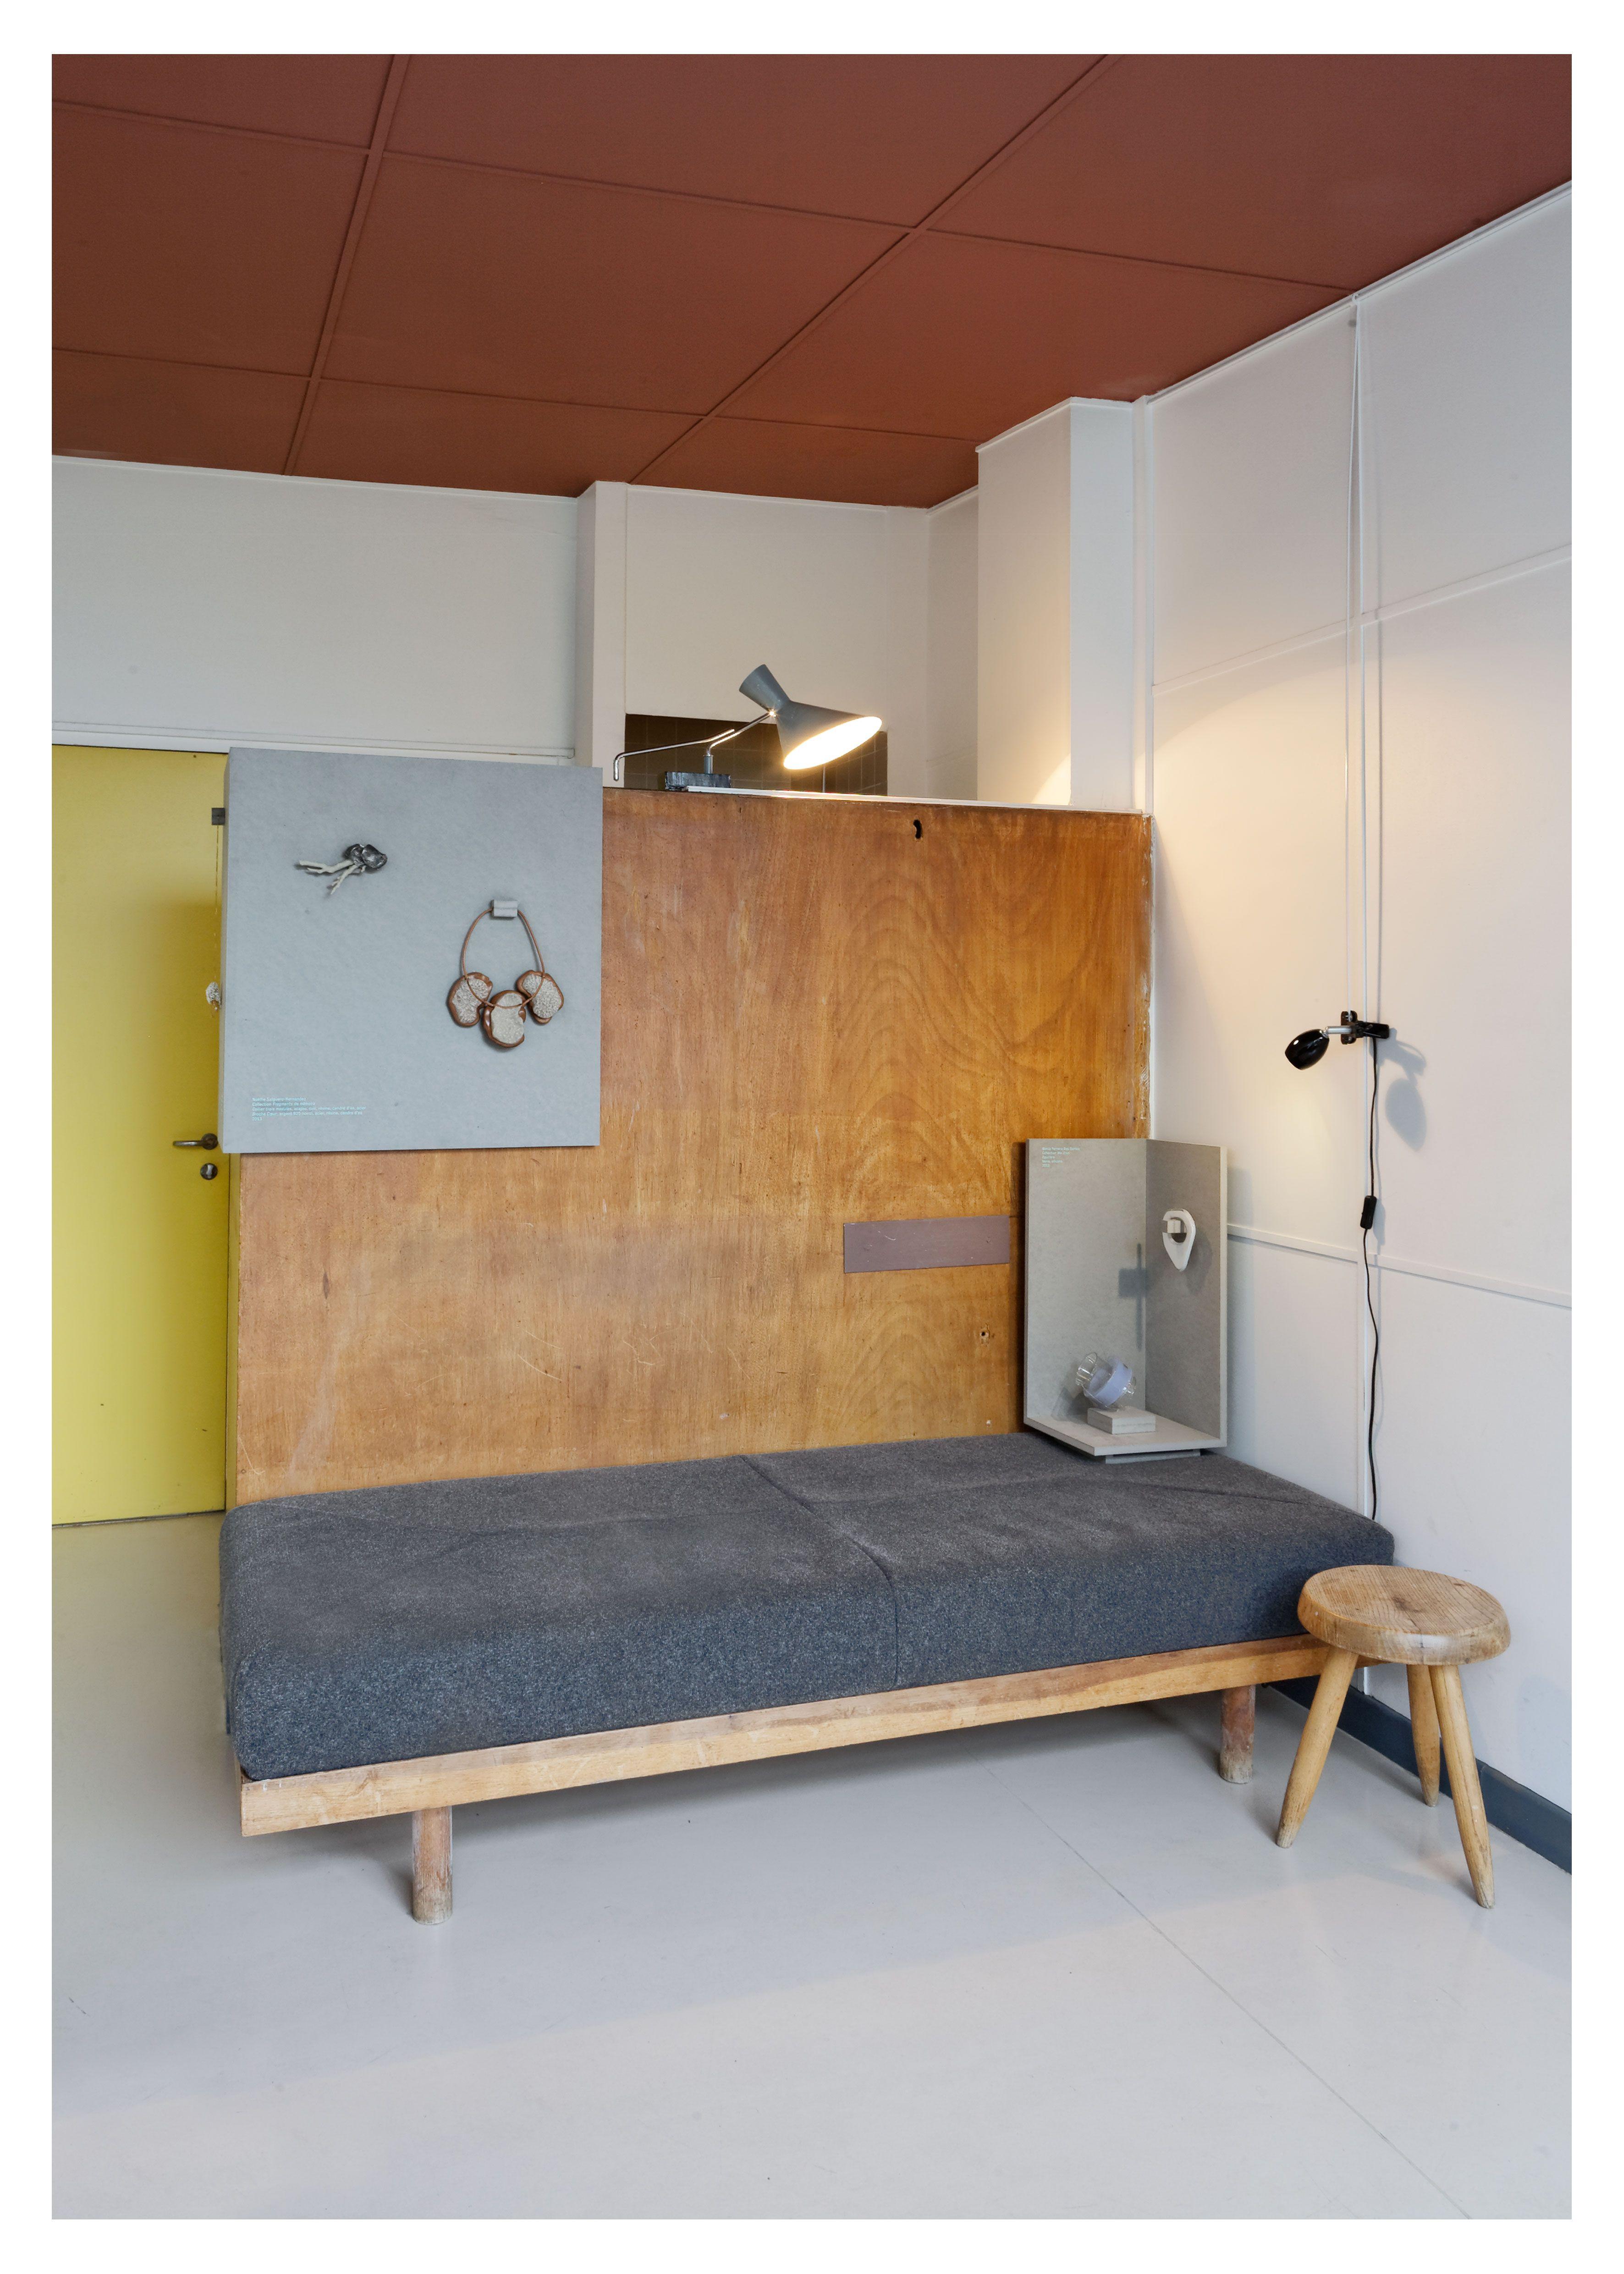 La Head Geneve Un Bijou D Ecole Fondation Suisse Pavillon Le Courbusier C Eric Tabuchi Pavillon Couleur